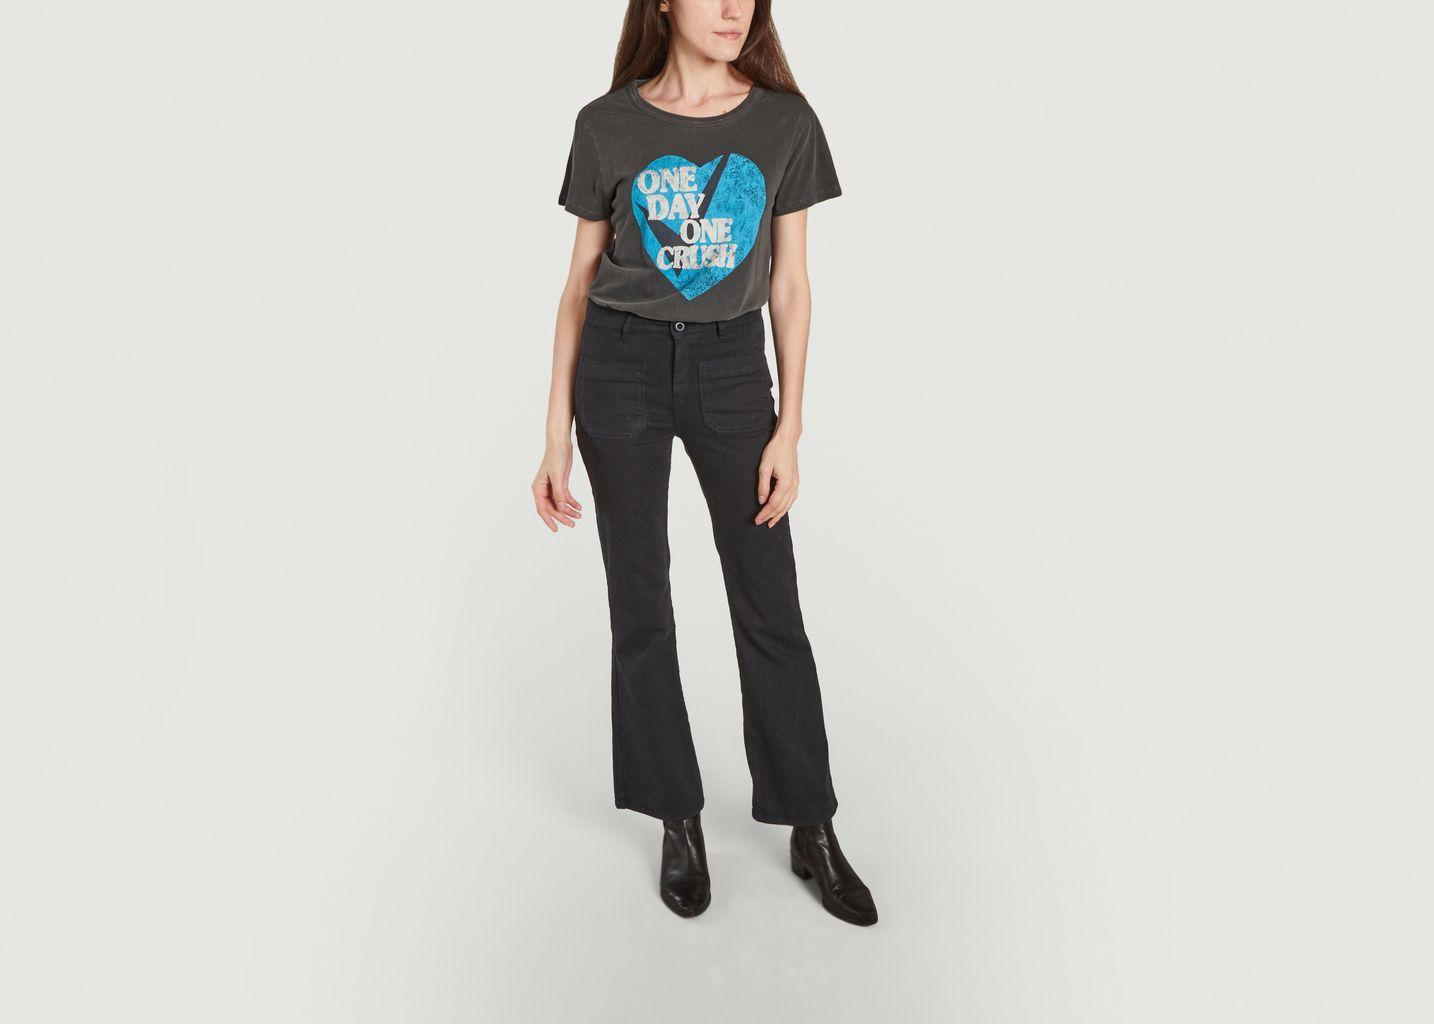 T-shirt Toro One - Leon & Harper